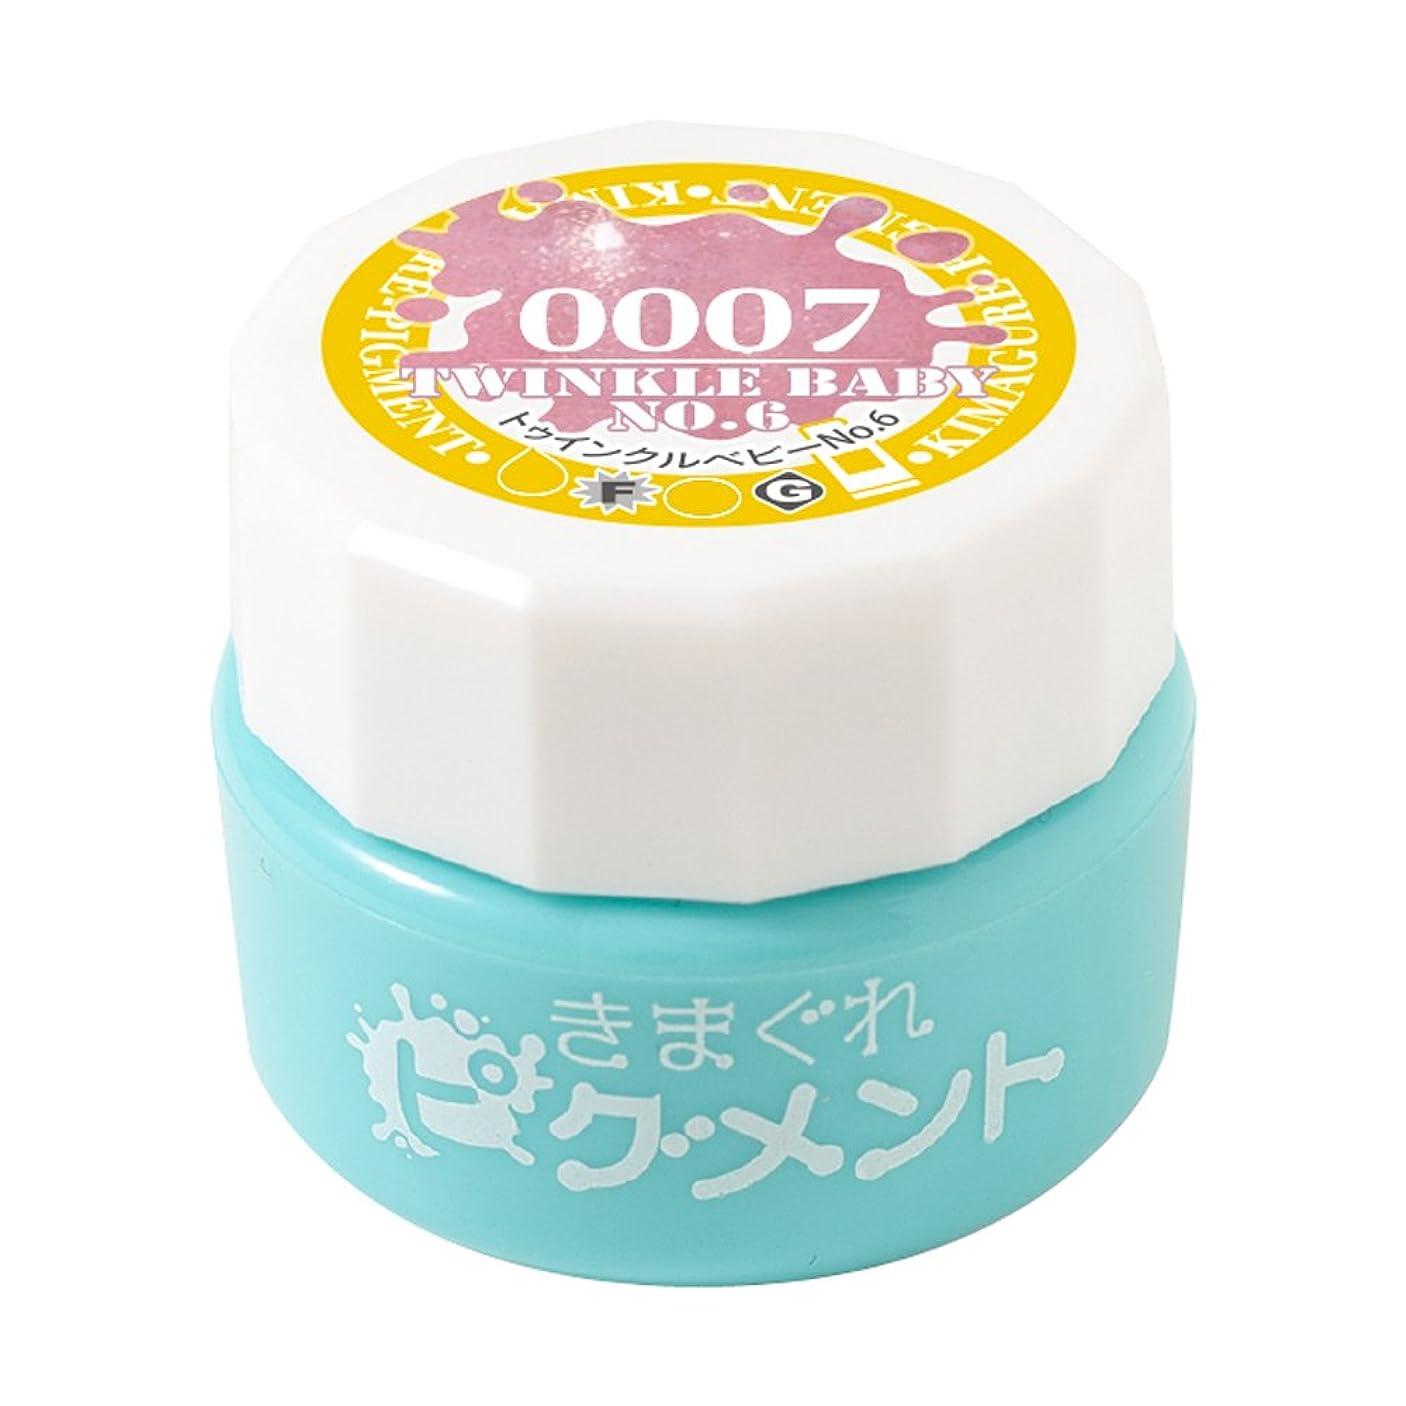 不名誉な封建不健康Bettygel きまぐれピグメント トゥインクルベビー6 QYJ-0007 4g UV/LED対応